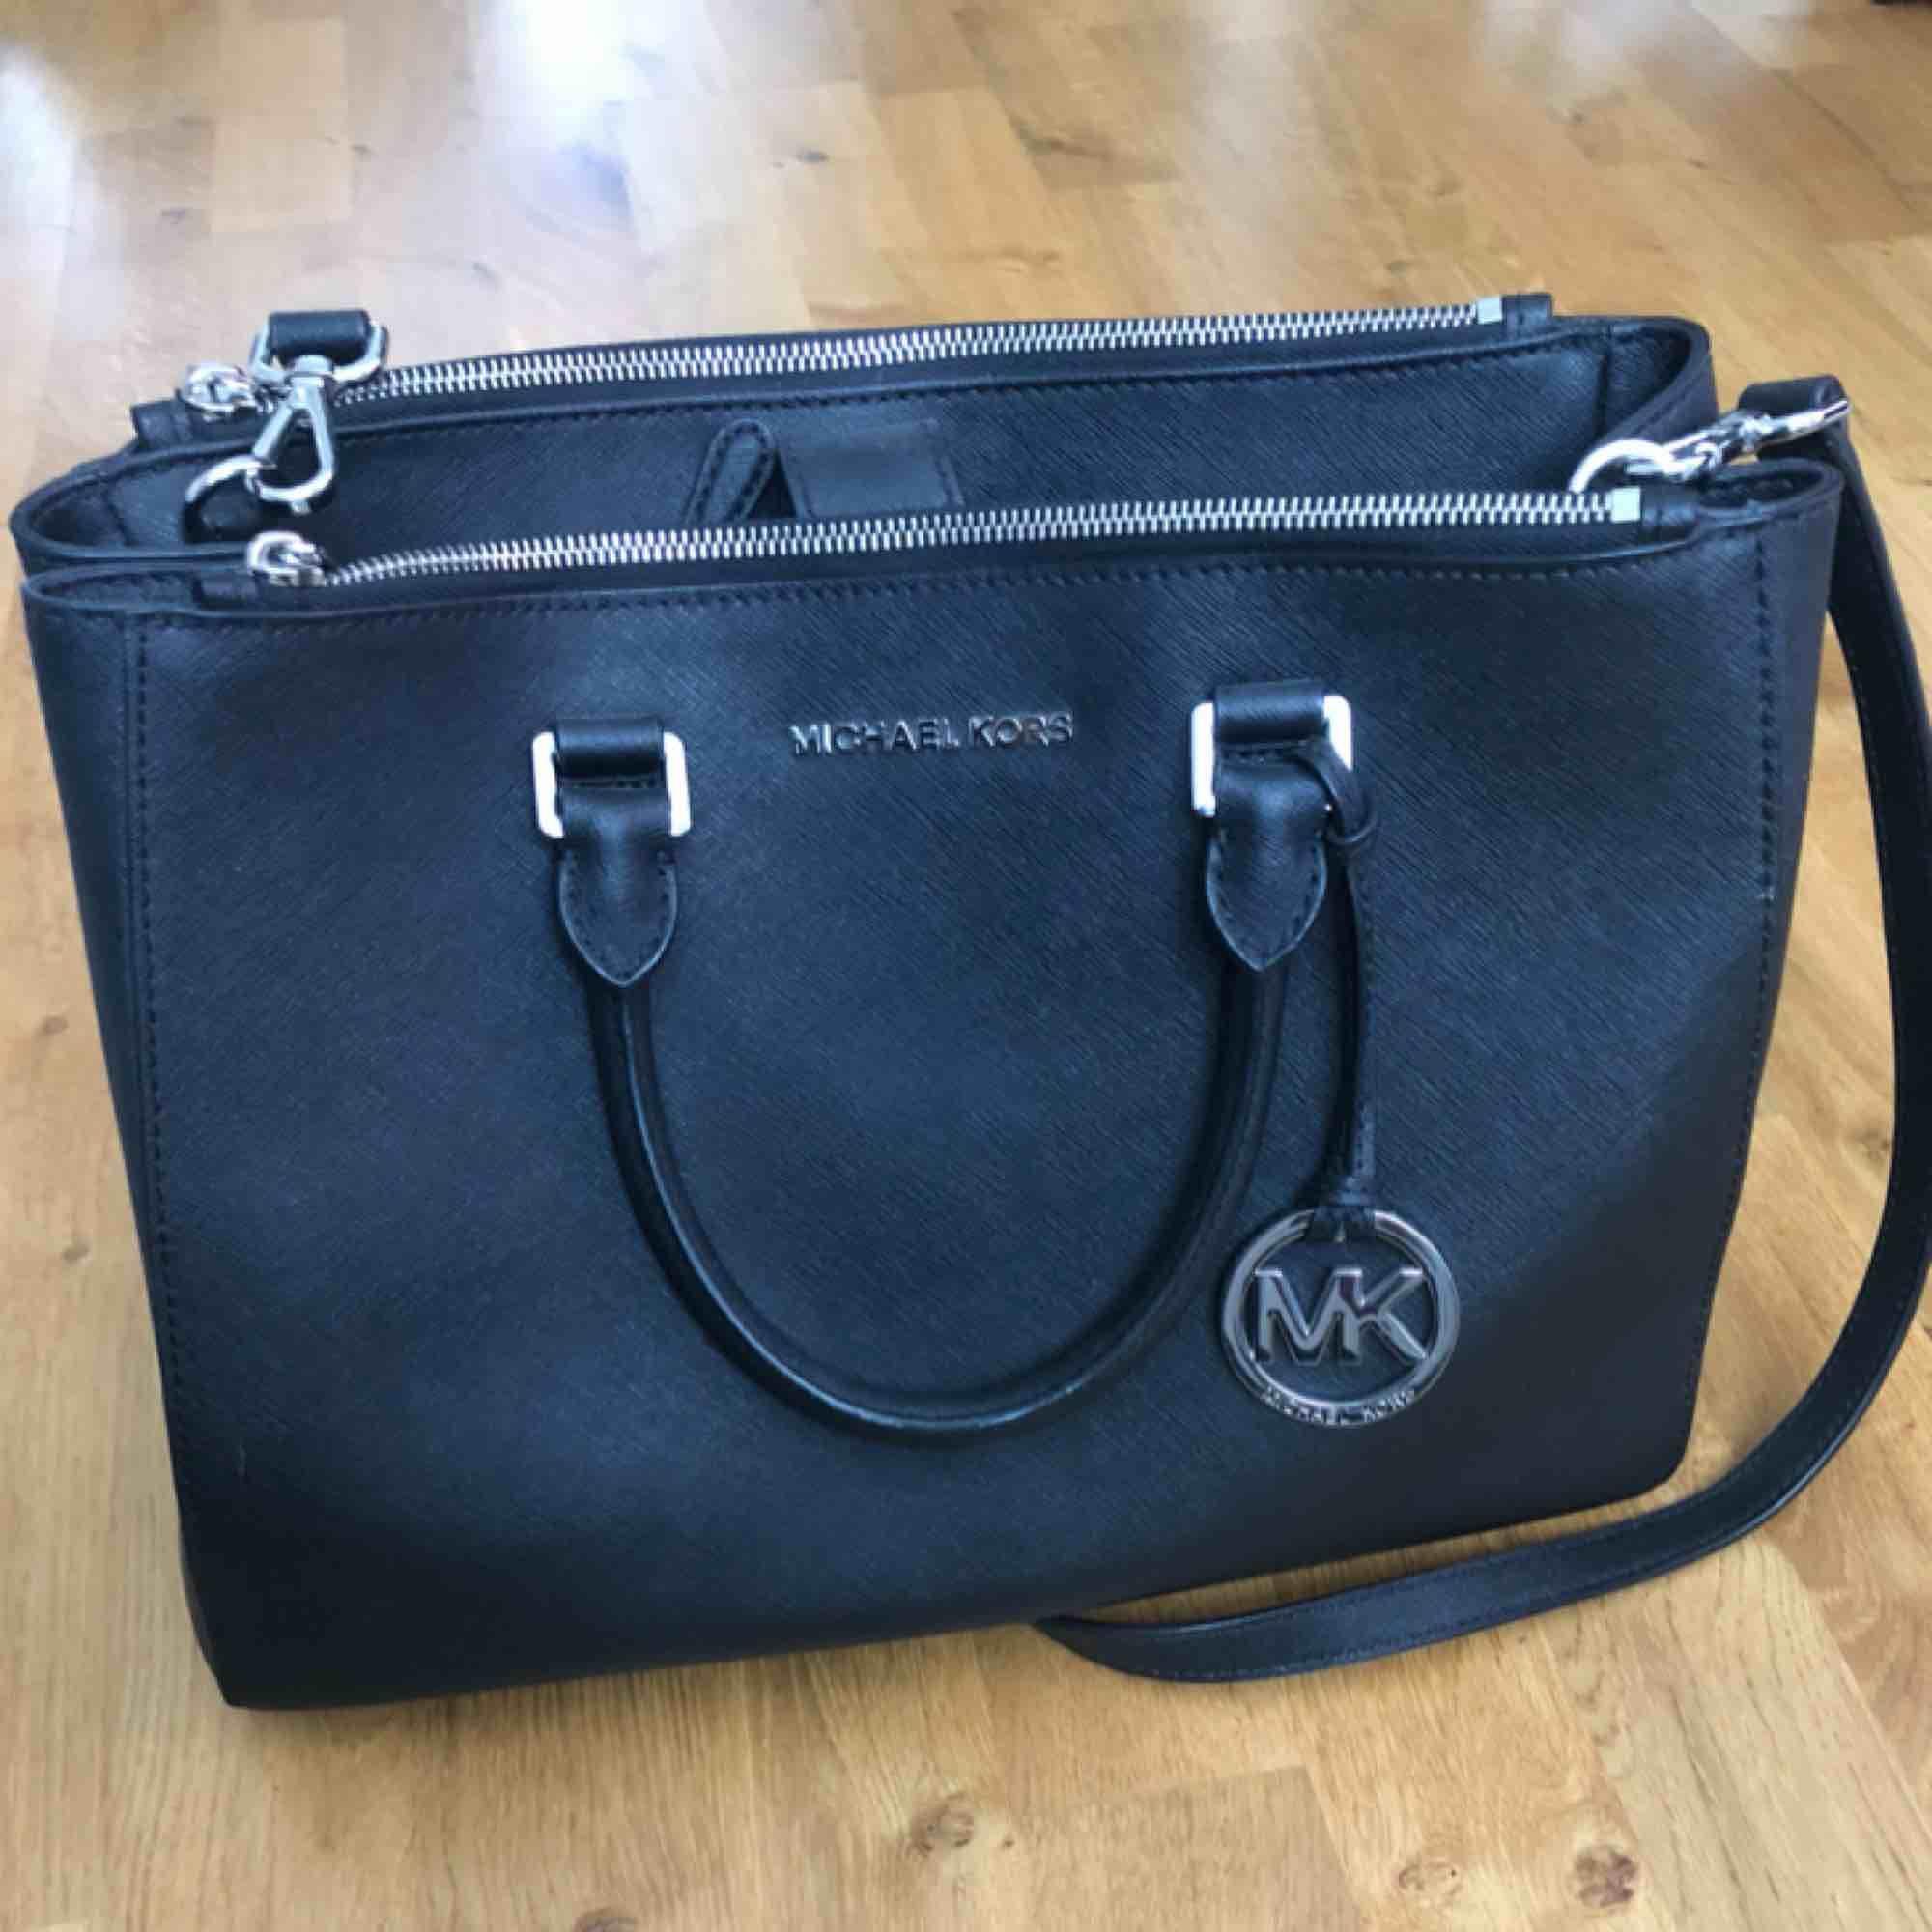 Jag säljer nu min Michael Kors väska med silvriga detaljer eftersom den aldrig används. Dust bag medföljer.   33x26x14  Använd men i väldigt fint skick. Köpare står för ev f rakt. Väskor.